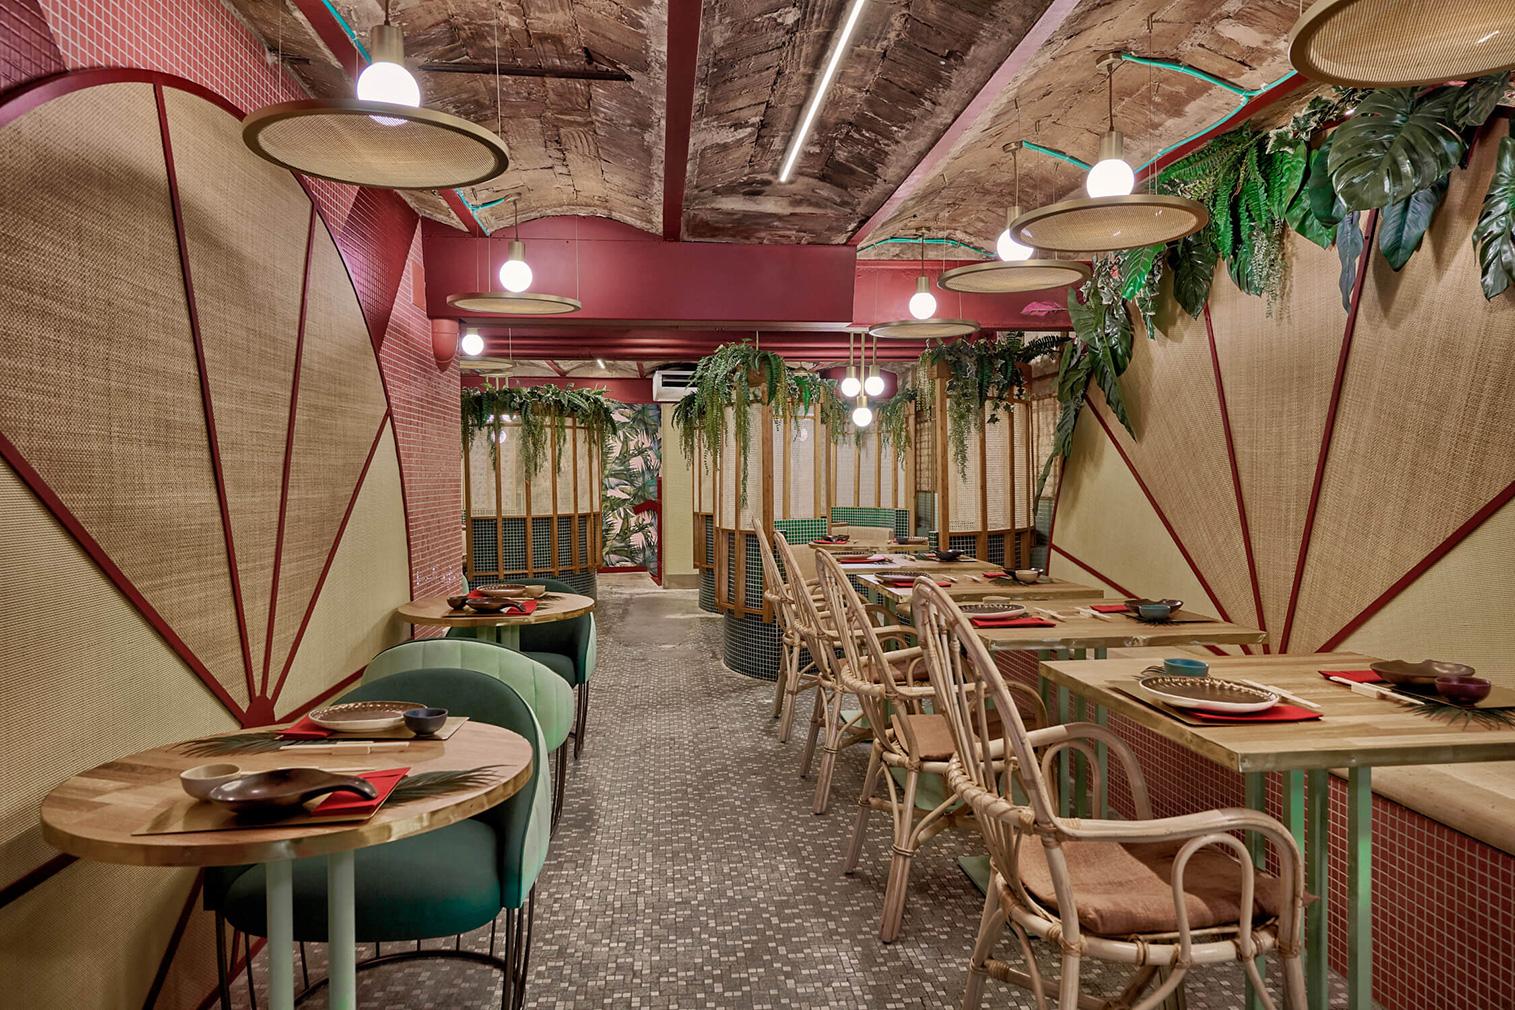 Plants burst out of the walls at Valencia's Kaikaya sushi bar